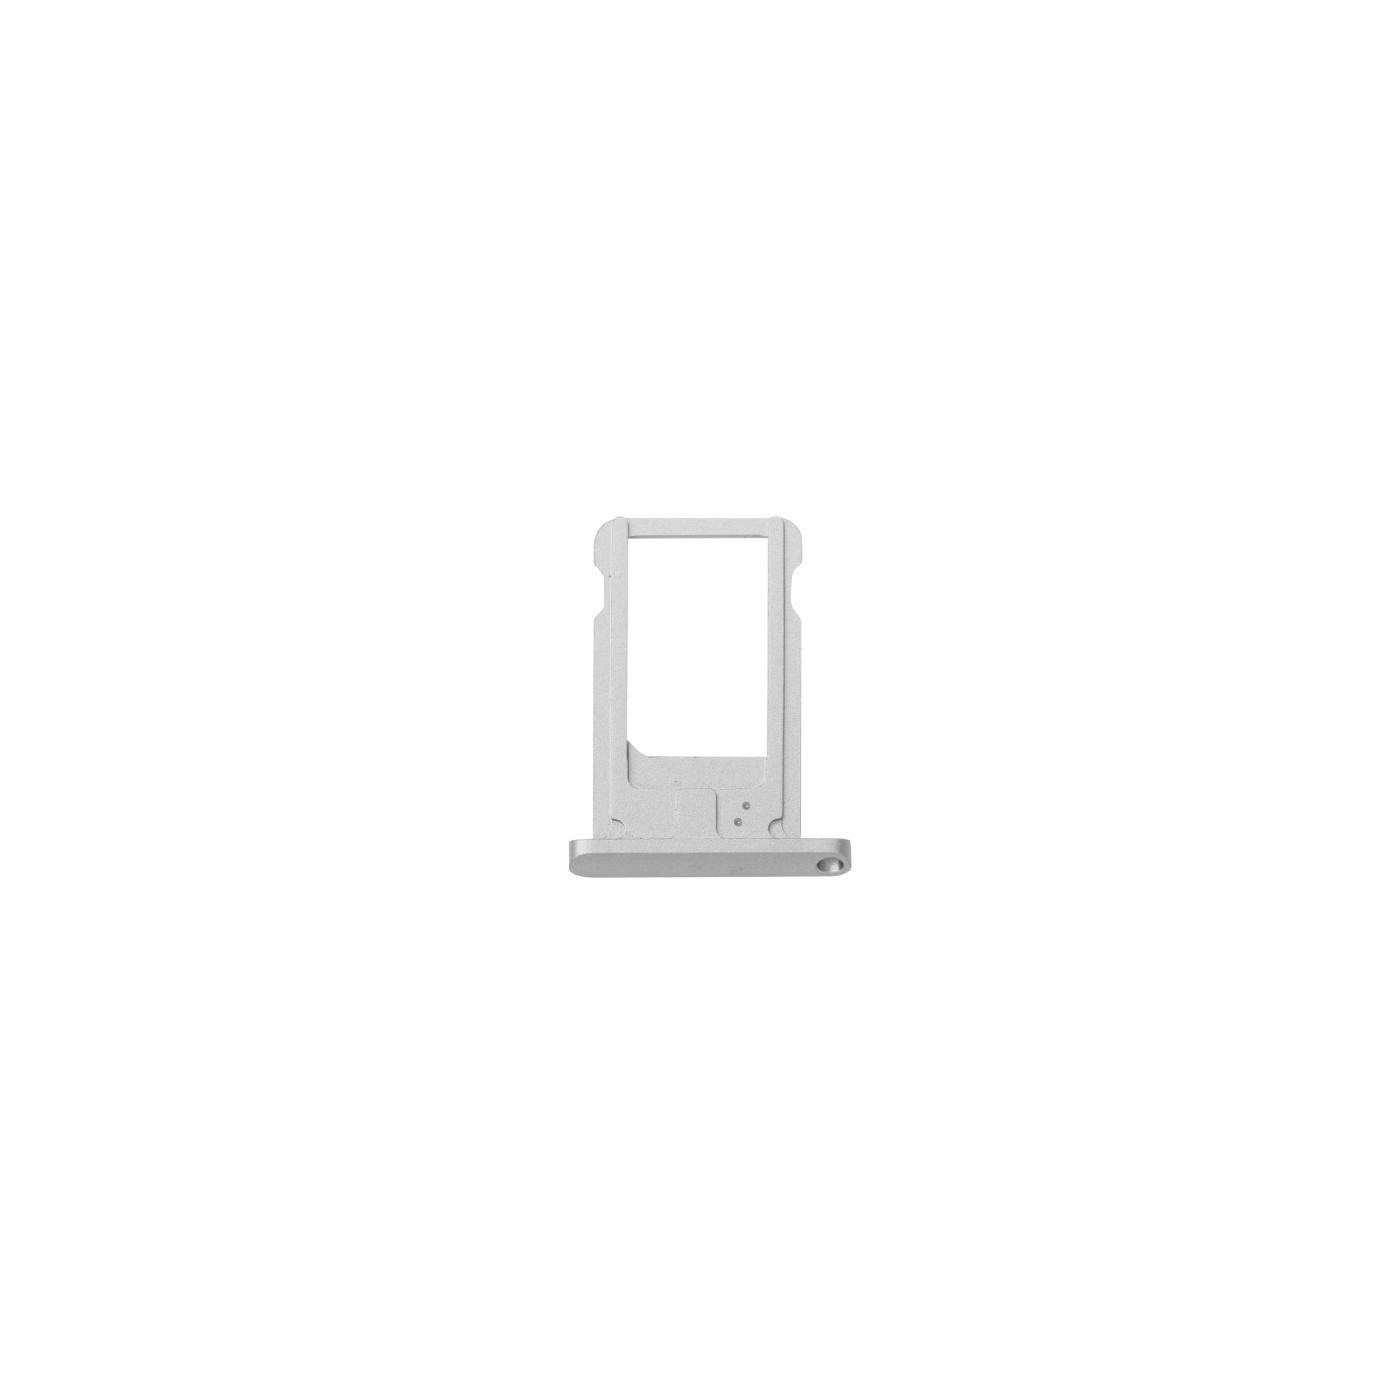 Sleigh sim card port for iPad Air 2 - 6 iPad Silver cart parts